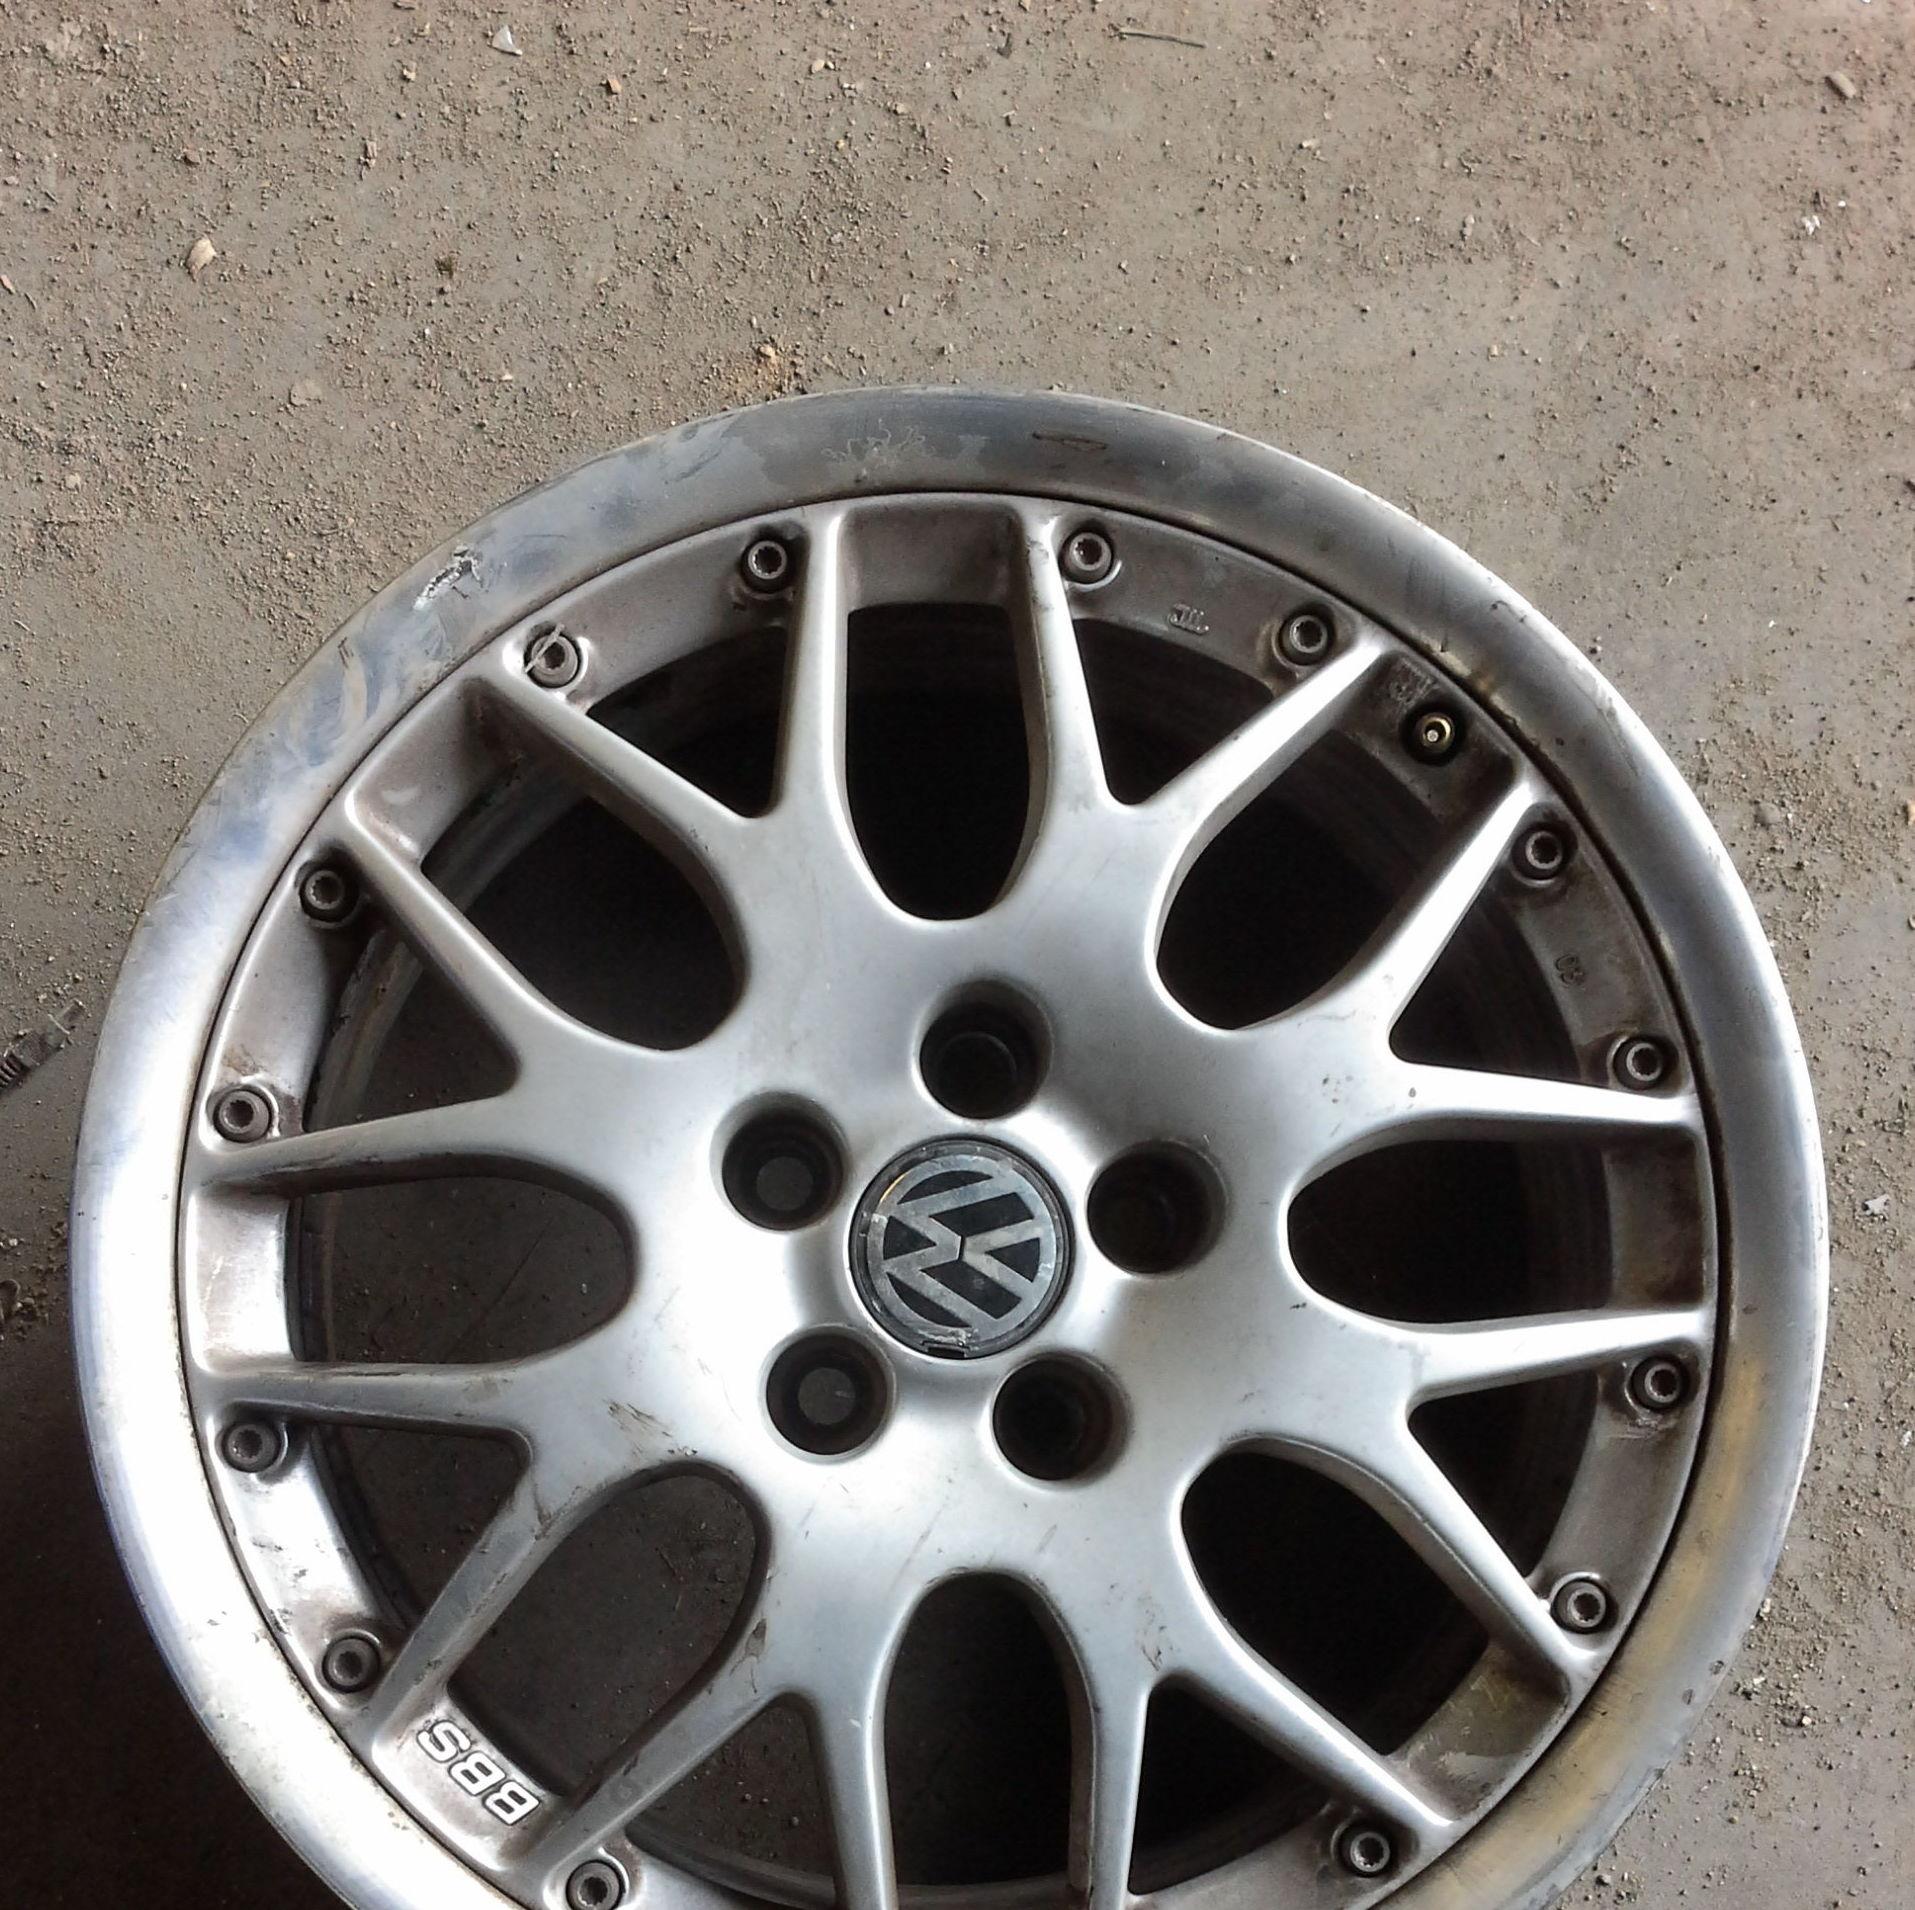 Juego de llantas de Volkswagen de aluminio en R-16 de 5 tornillos en desgjaces clemente de Albacete